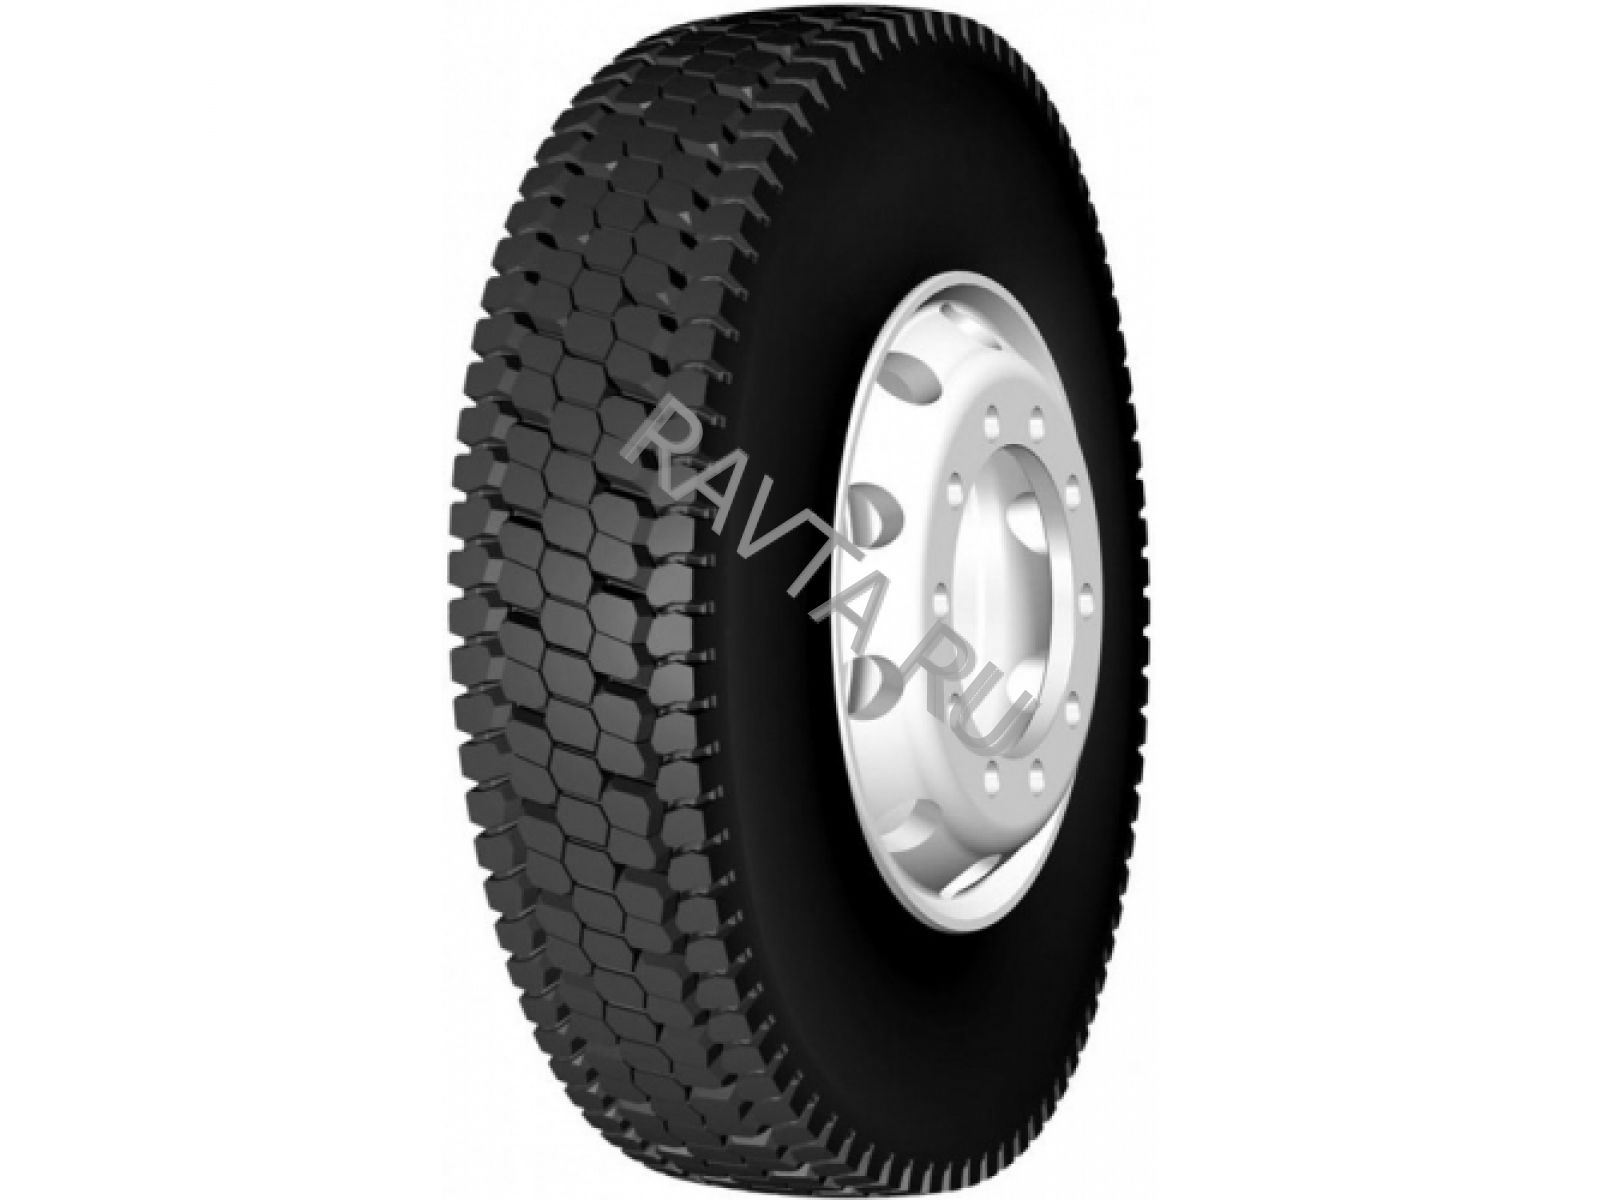 Шина 245/70 r19.5 кама nr201 без о.л.Грузовые шины<br><br><br>Артикул: 129852<br>Конструкция шины: радиальная<br>Индекс максимальной скорости: М (130 км/ч)<br>Бренд: КАМА<br>Высота профиля шины: 70<br>Ширина профиля шины: 245<br>Диаметр: 19.5<br>Тип автомобиля: грузовой автомобиль